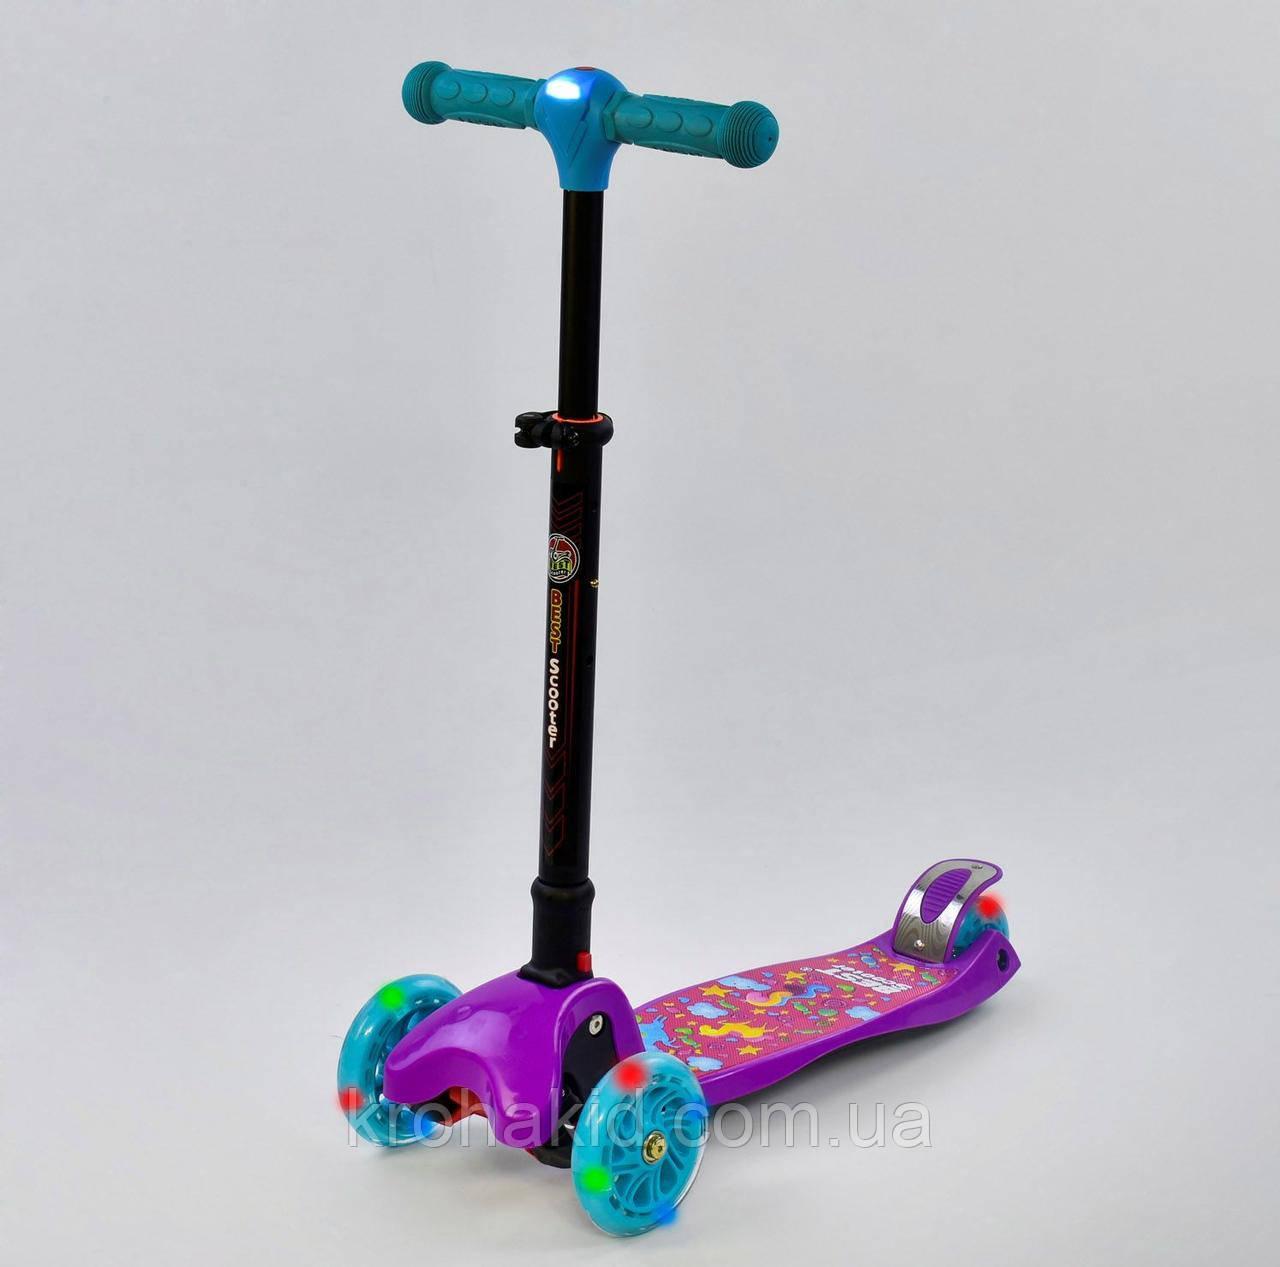 Самокат С 44500 Best Scooter СКЛАДНОЙ С ФАРОЙ, 4 колеса PU со светом, d=12 см